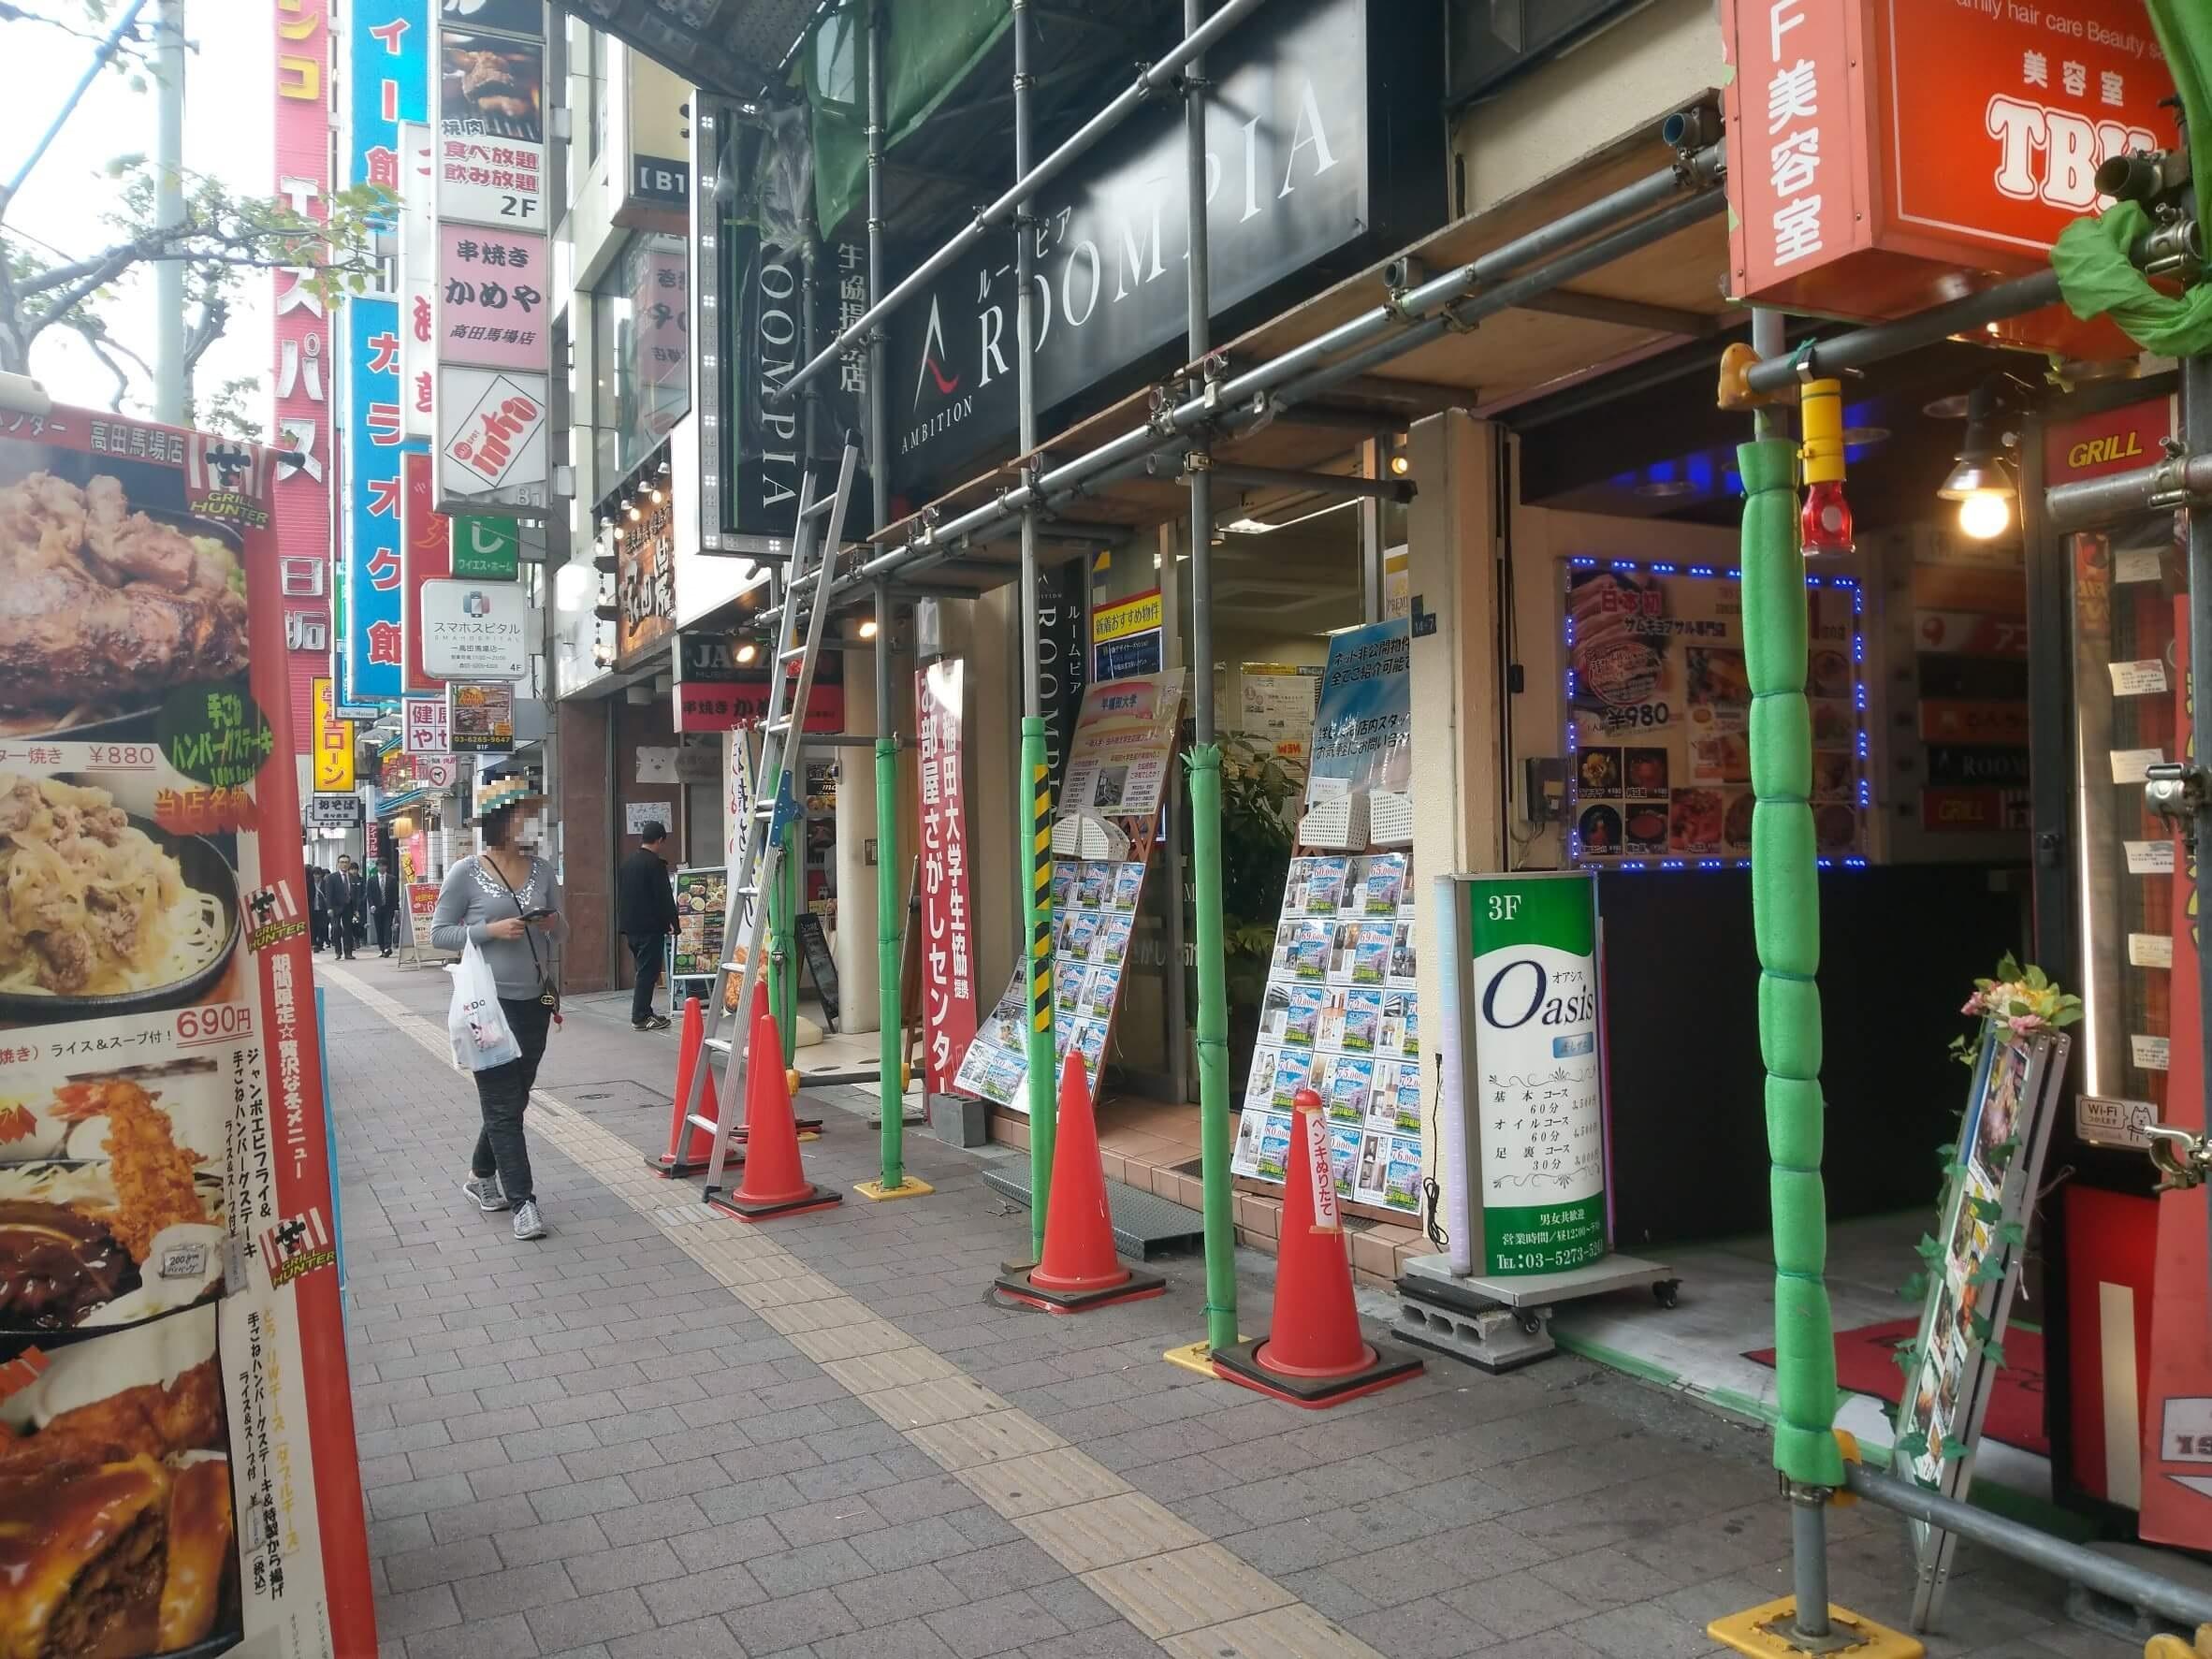 アンビション・ルームピア高田馬場店の外観